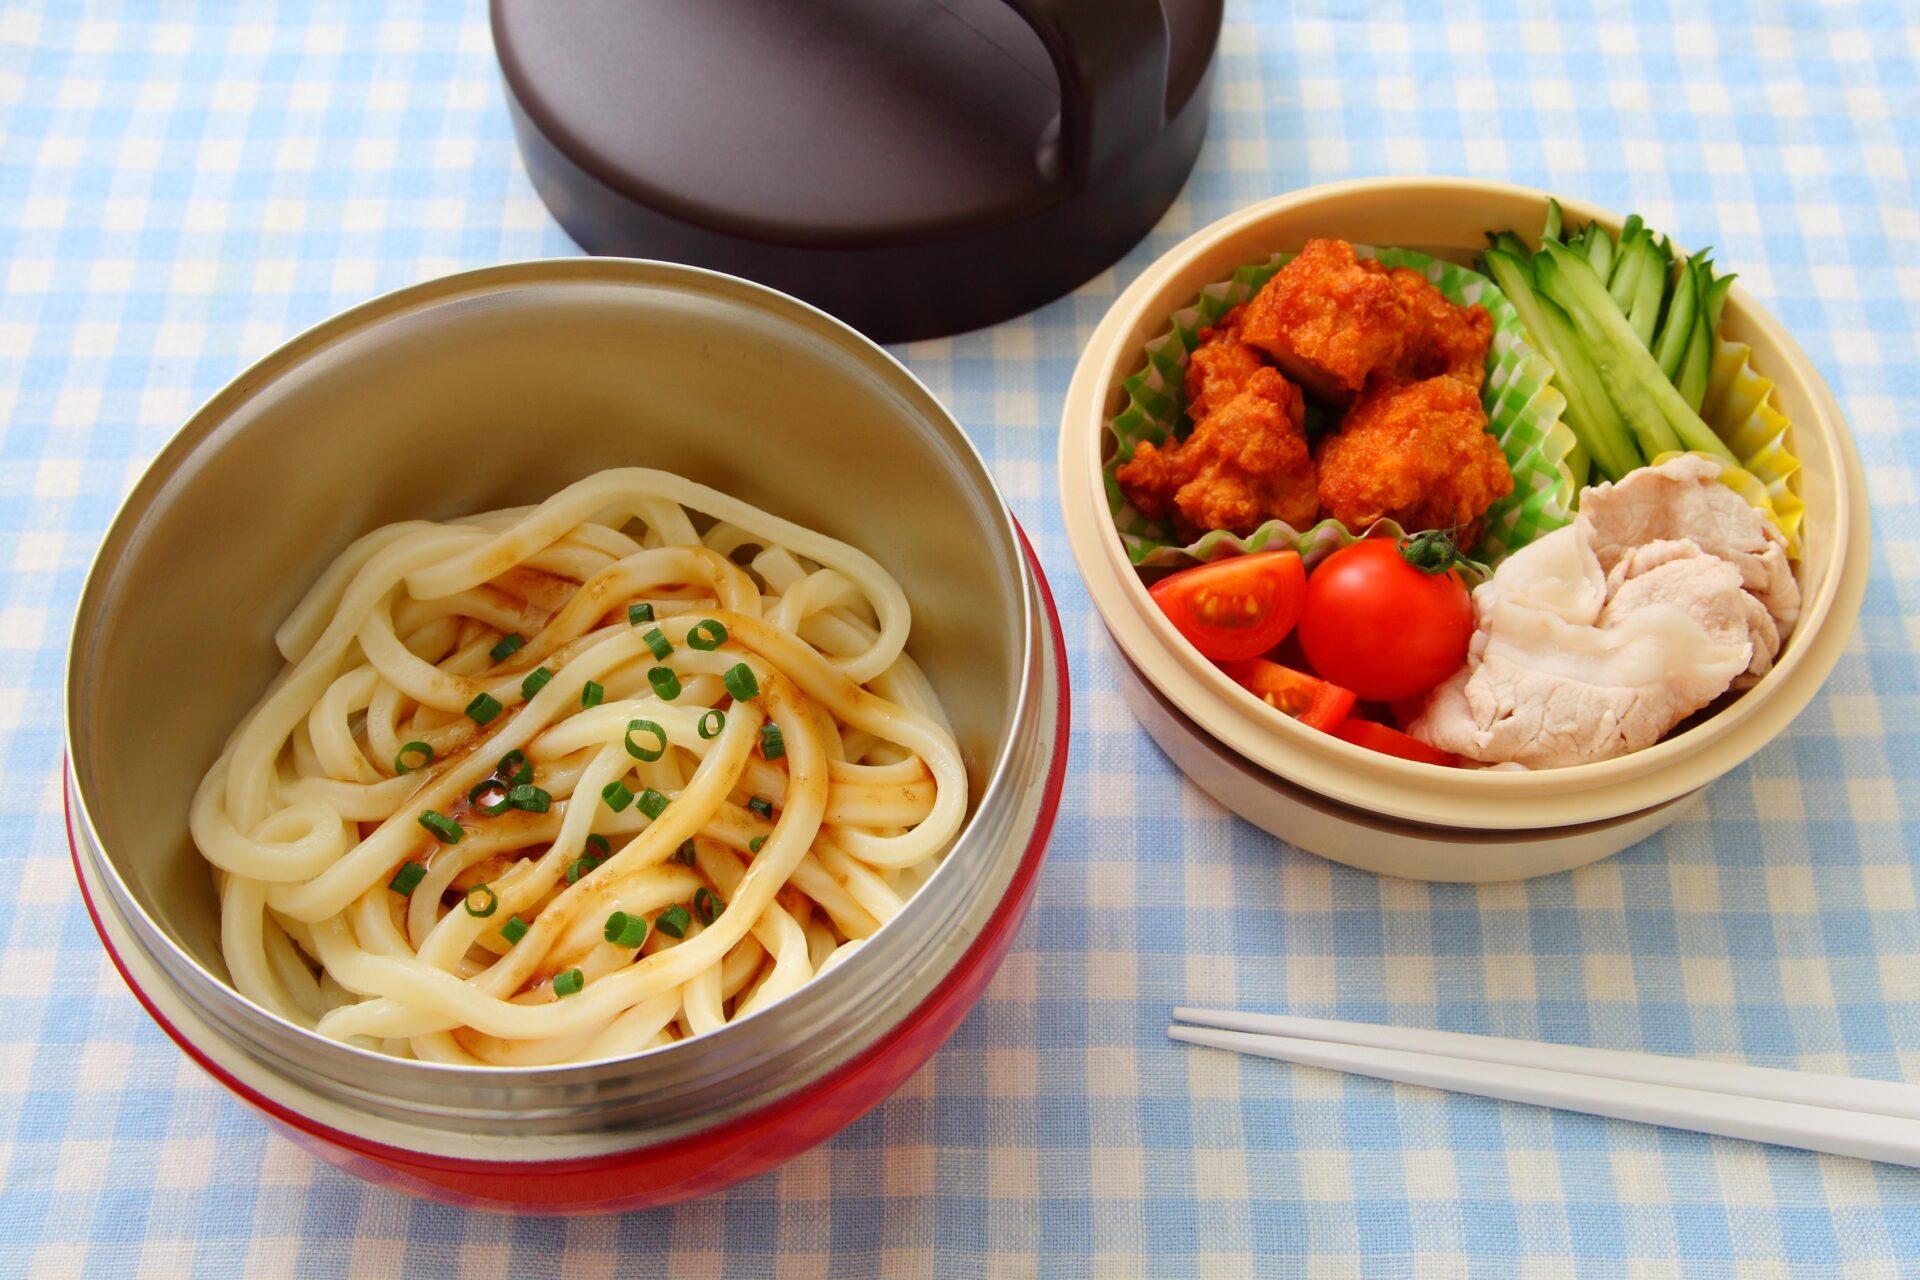 うどんや素麺、冷やし中華など、麺類はどんなお弁当箱に入れていますか?